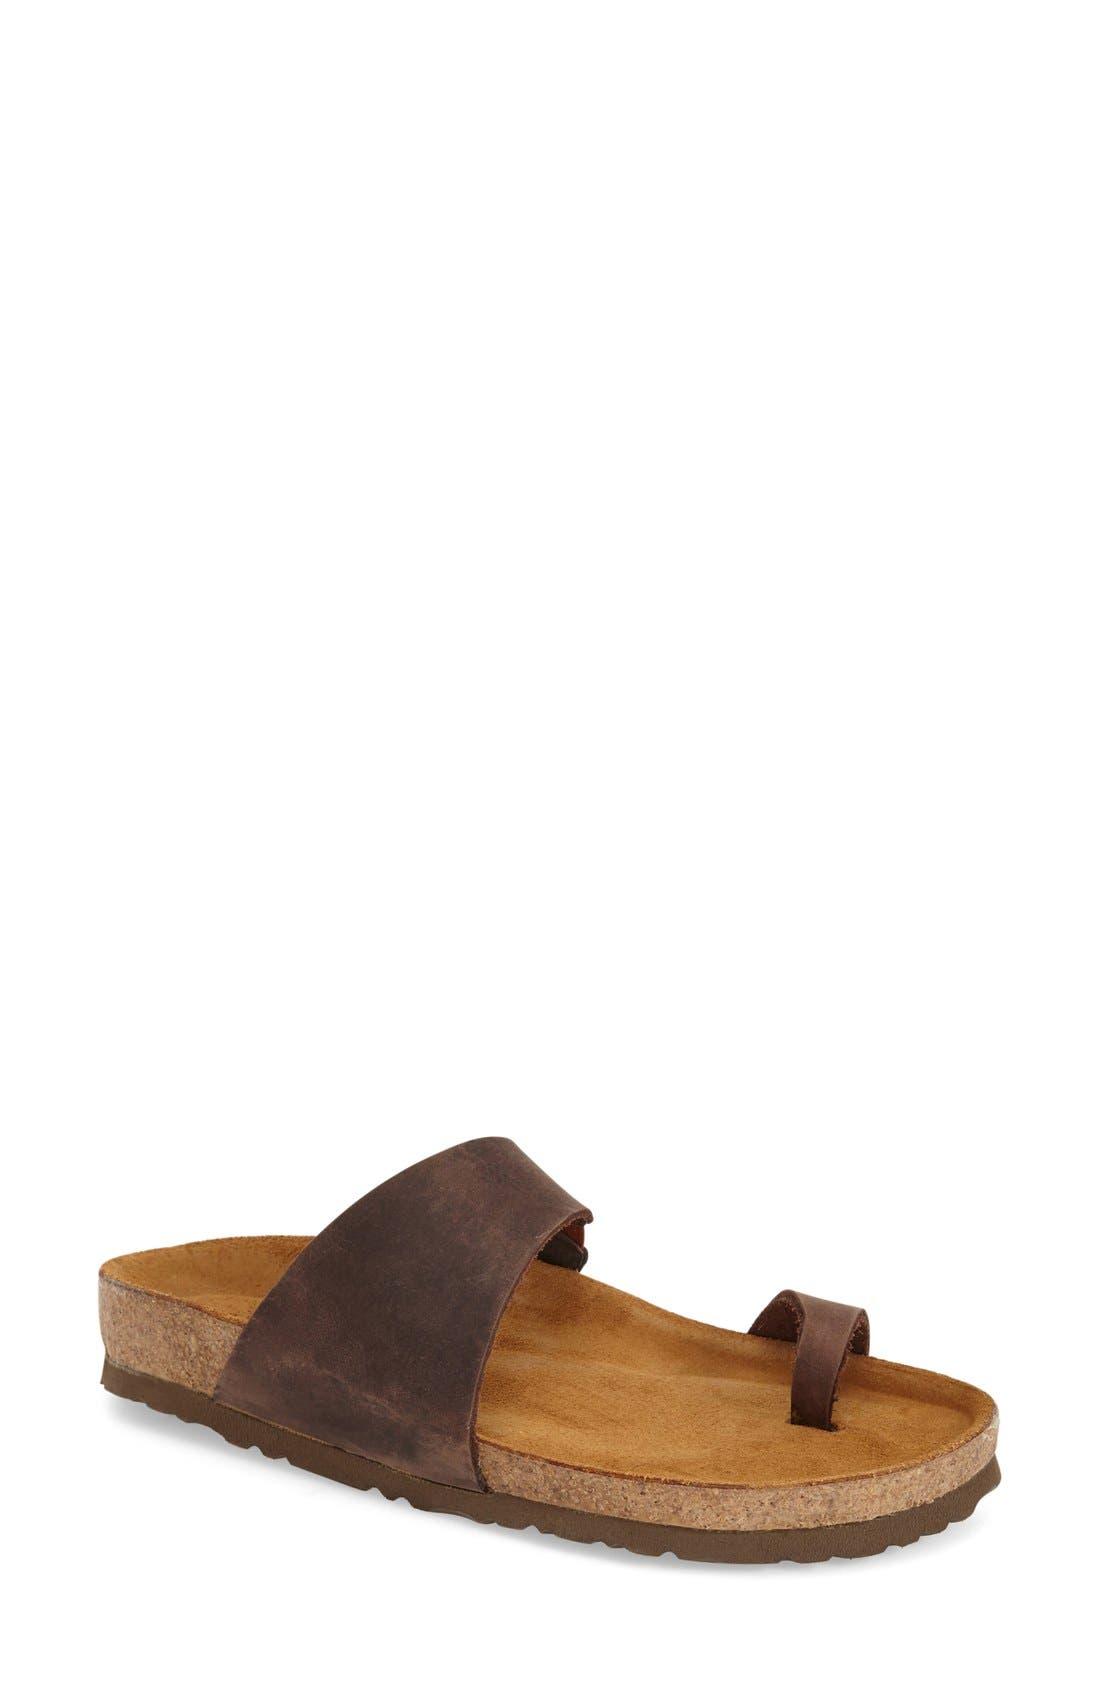 'Santa Fe' Sandal,                             Main thumbnail 1, color,                             200